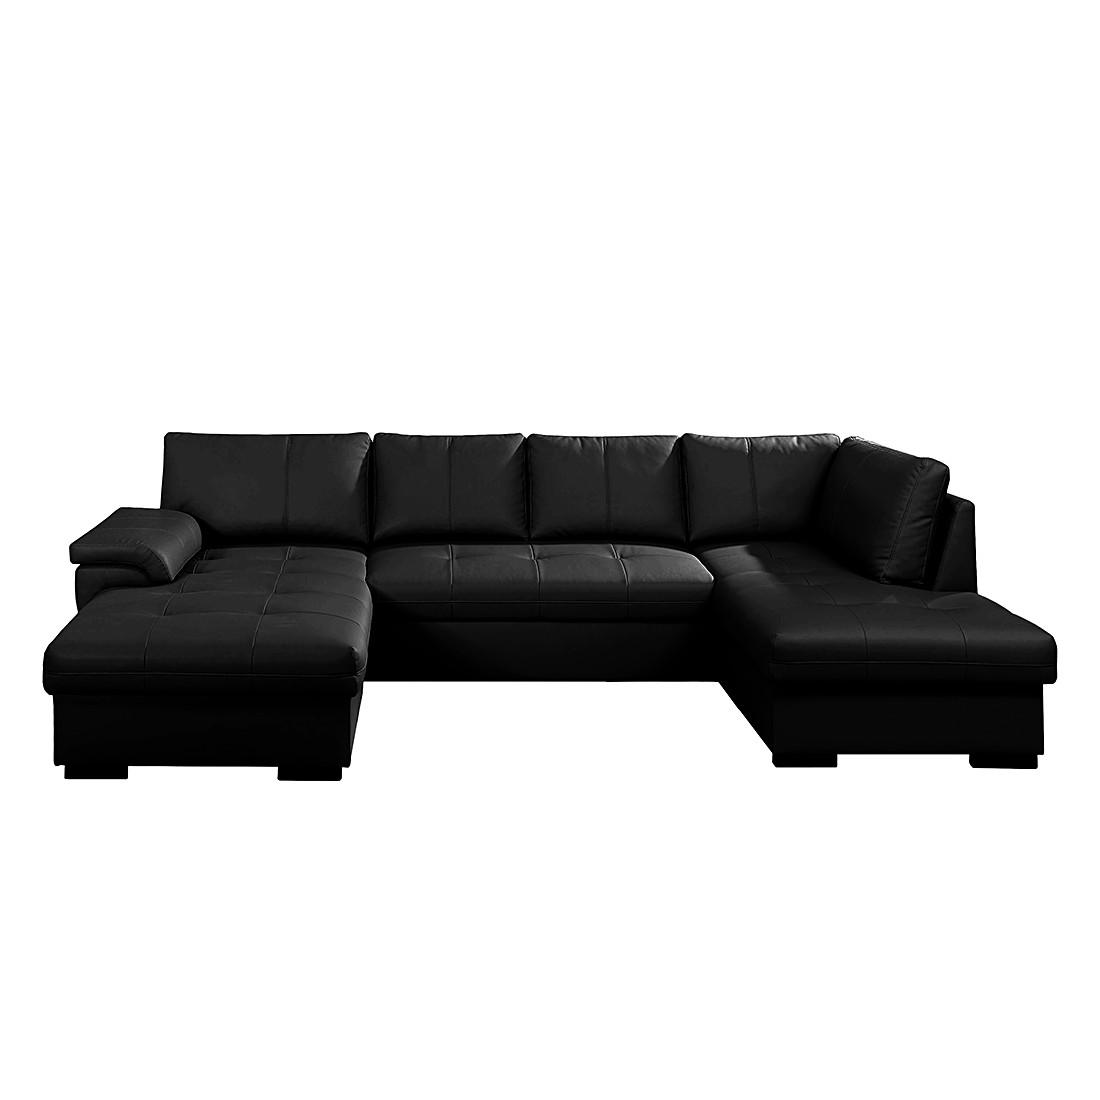 goedkoop Hoekbank Cuenca met slaapfunctie zwart kunstleer stof grote en kleine longchair links rechts monteerbaar Nuovoform